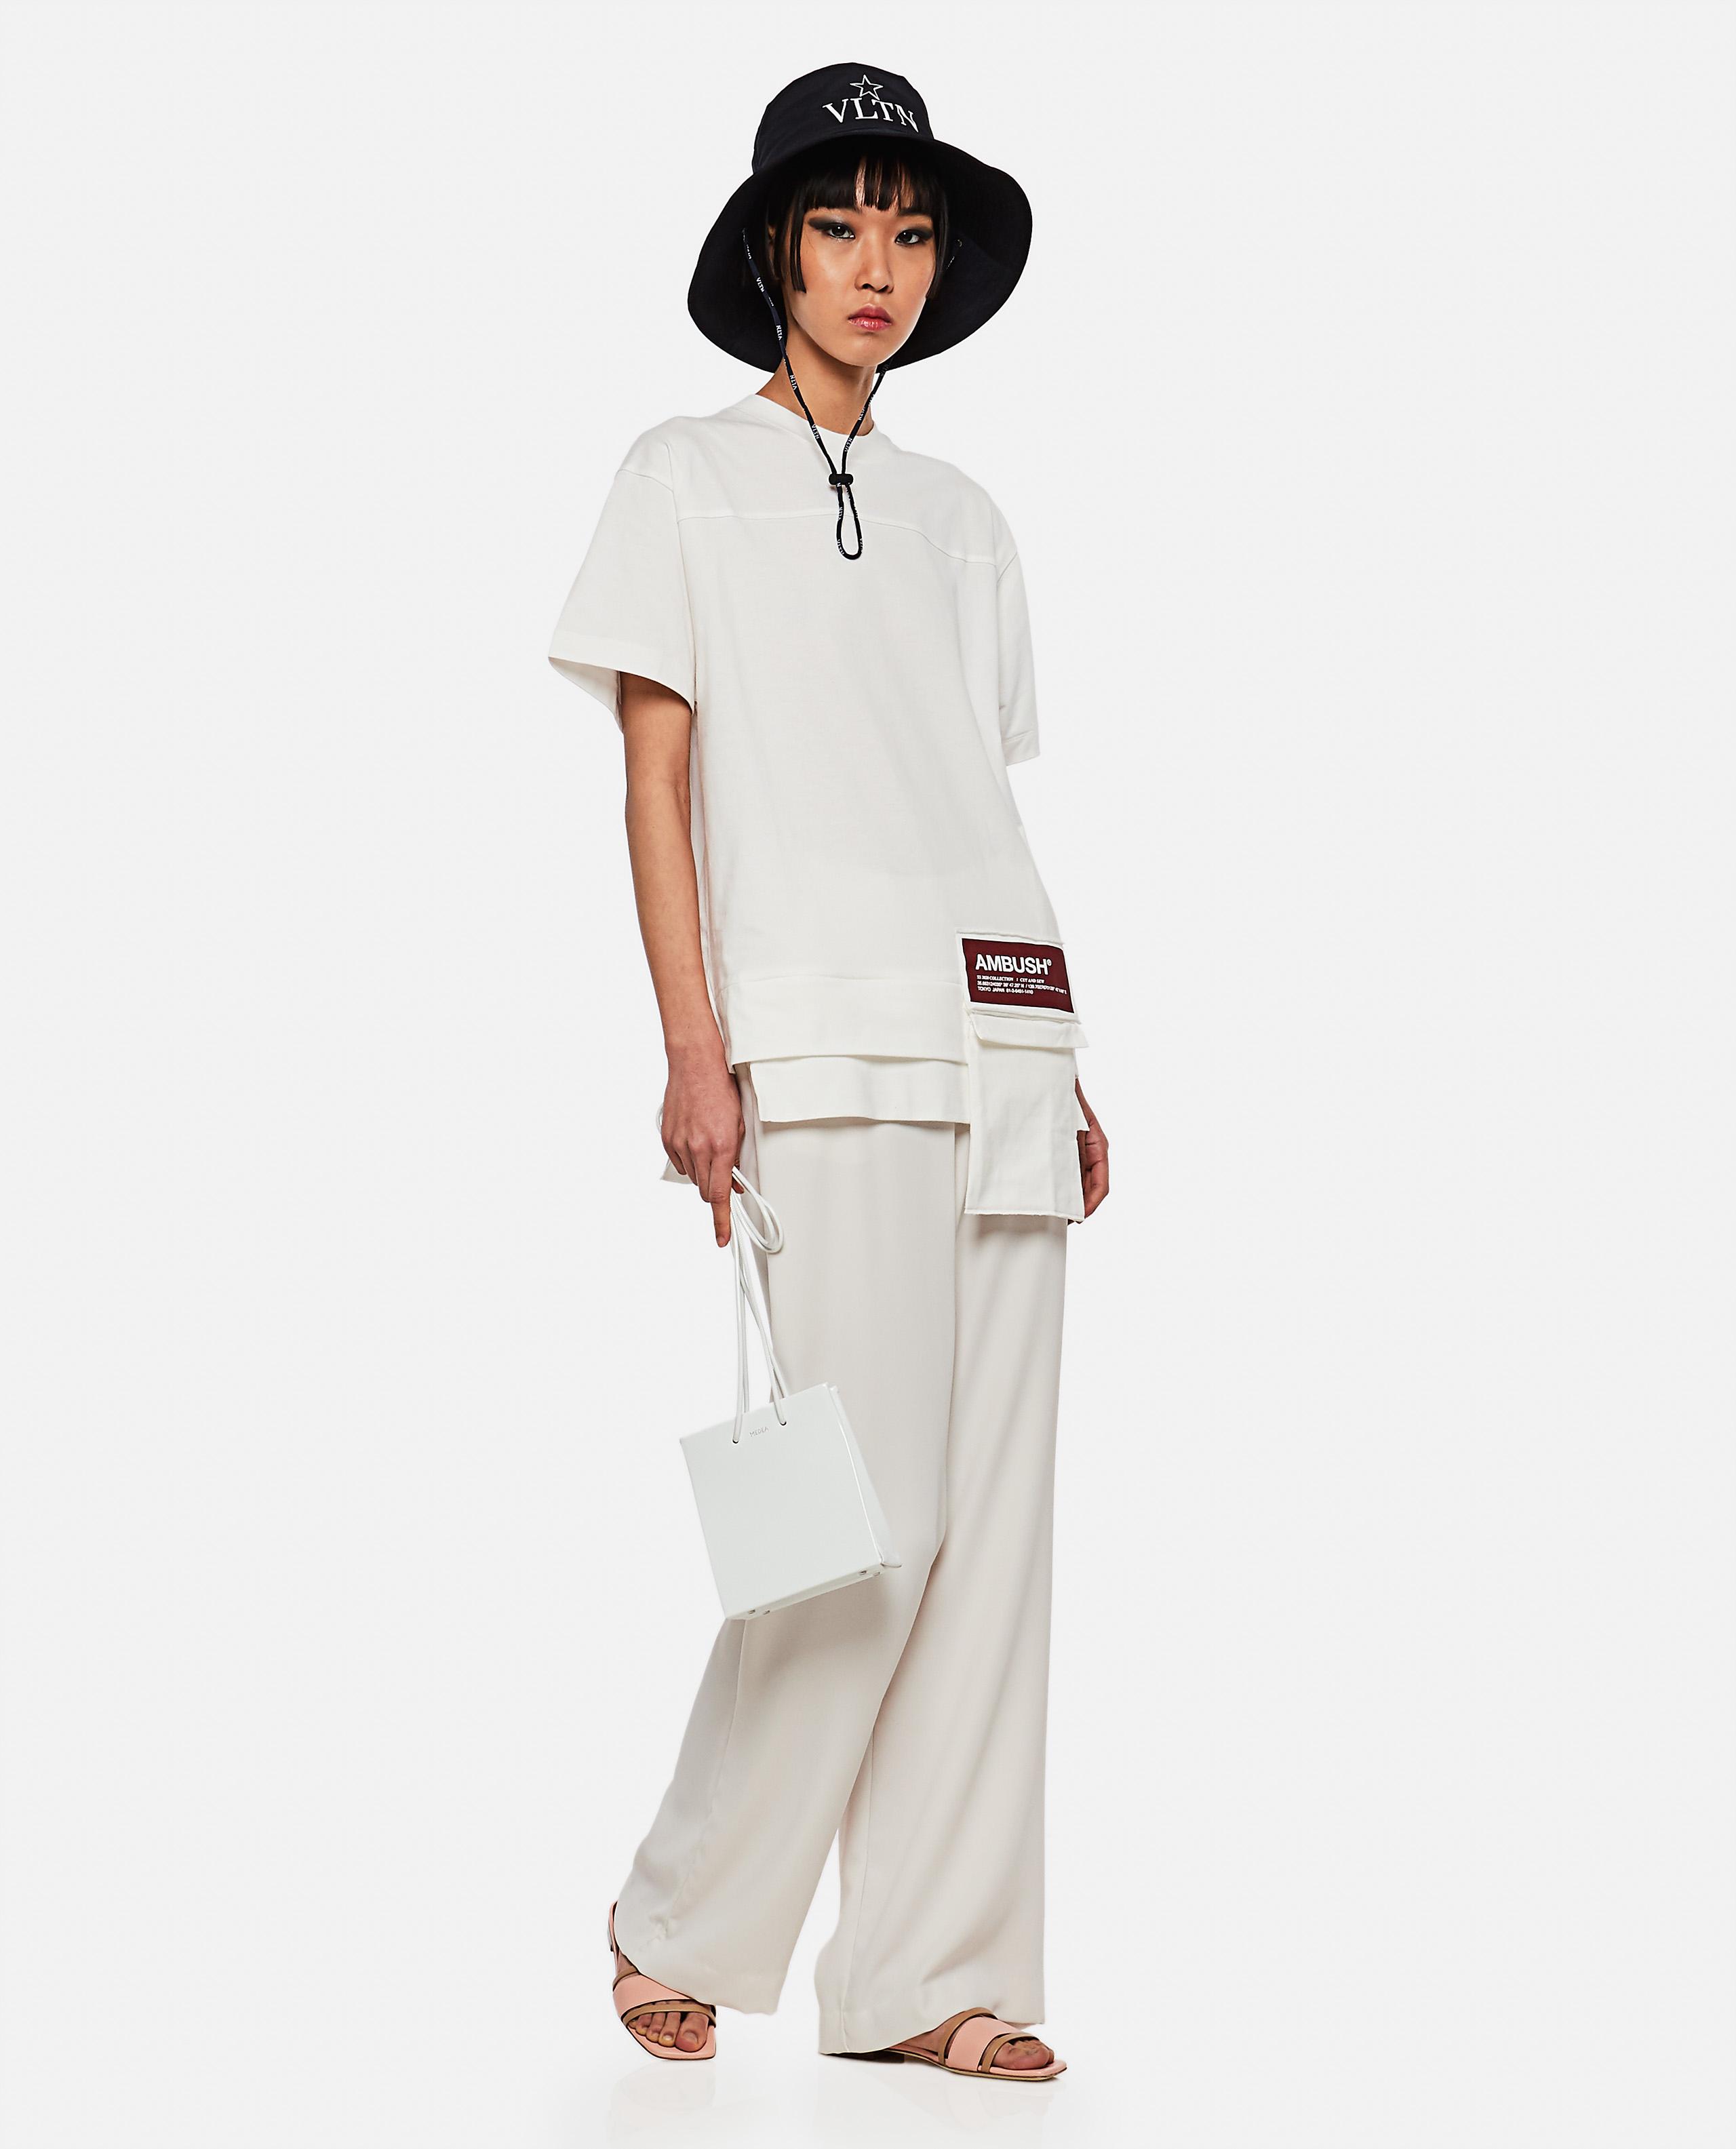 New Waist Pocket cotton  t-shirt